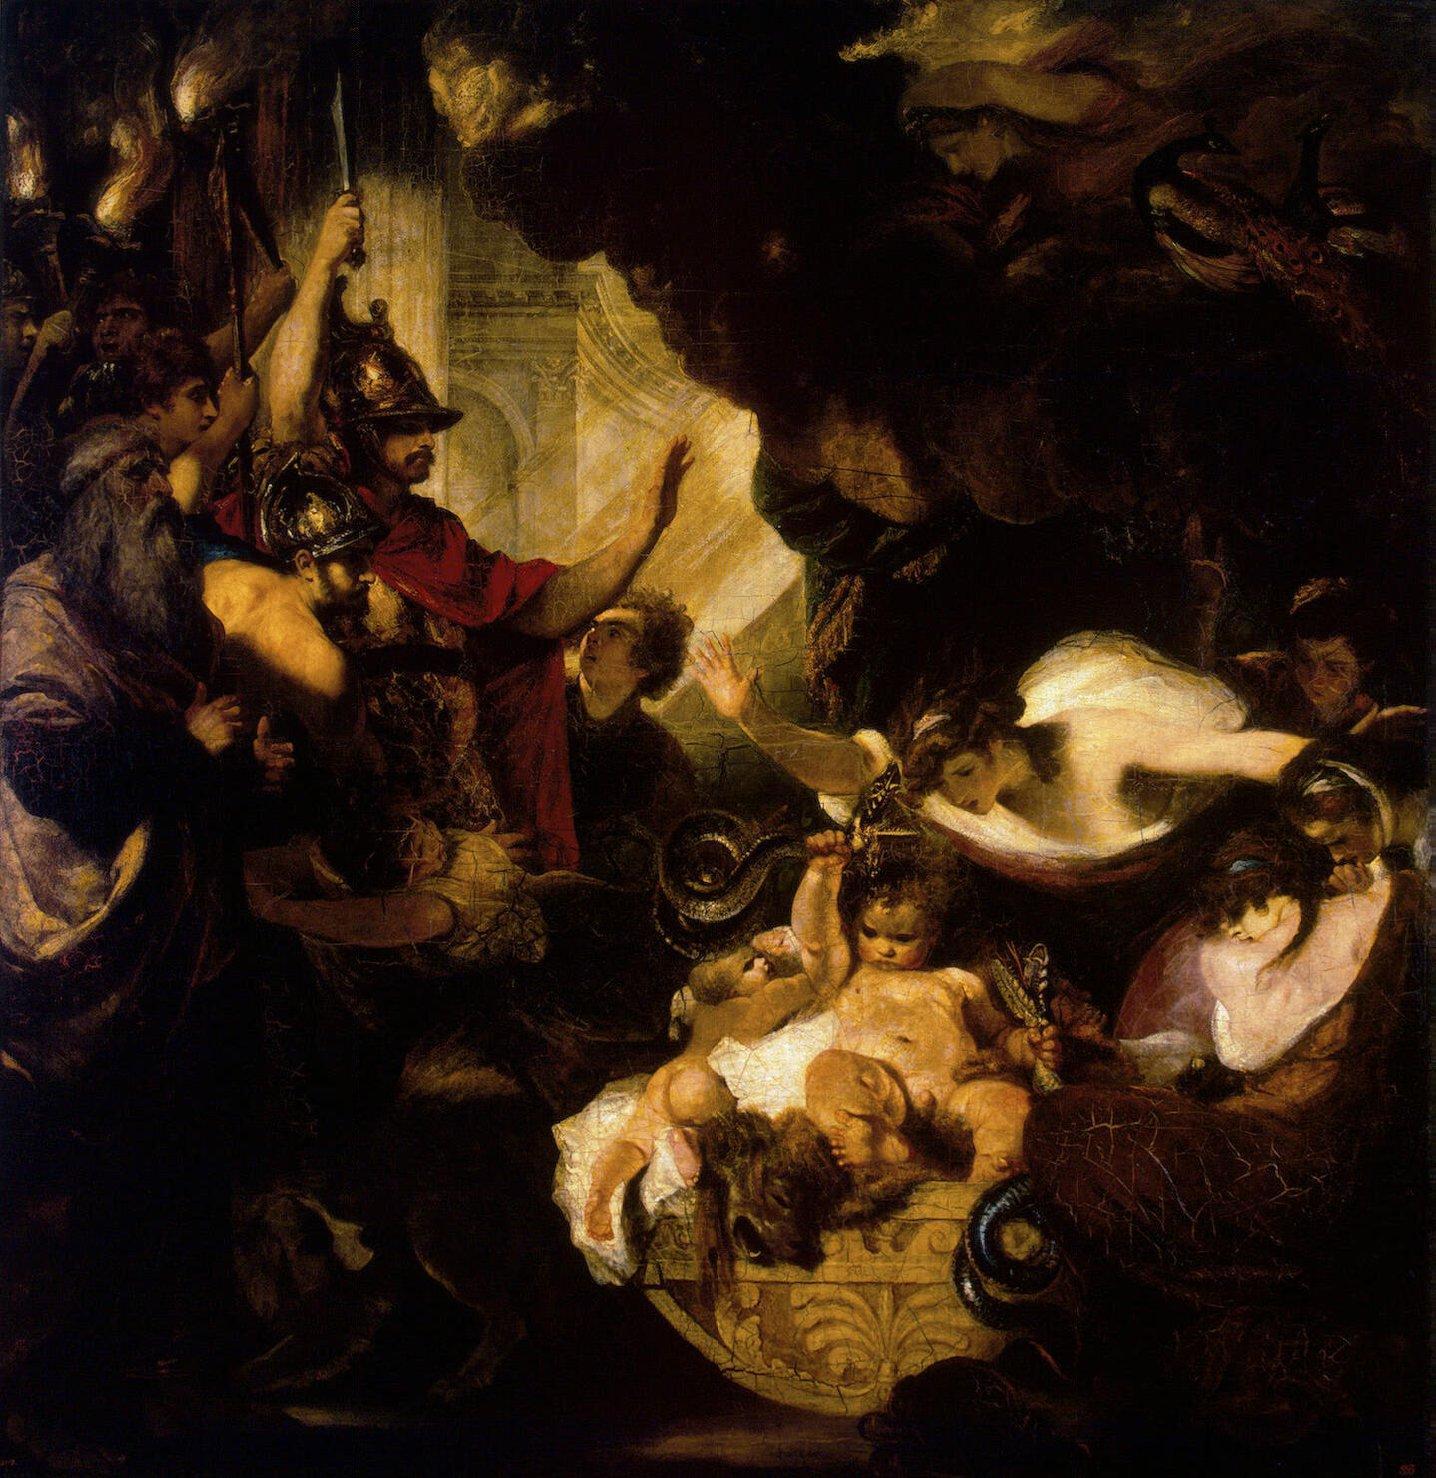 El infante Heracles estrangula a las serpientes con sus manos [cuadro de  Joshua Reynolds, 1788]